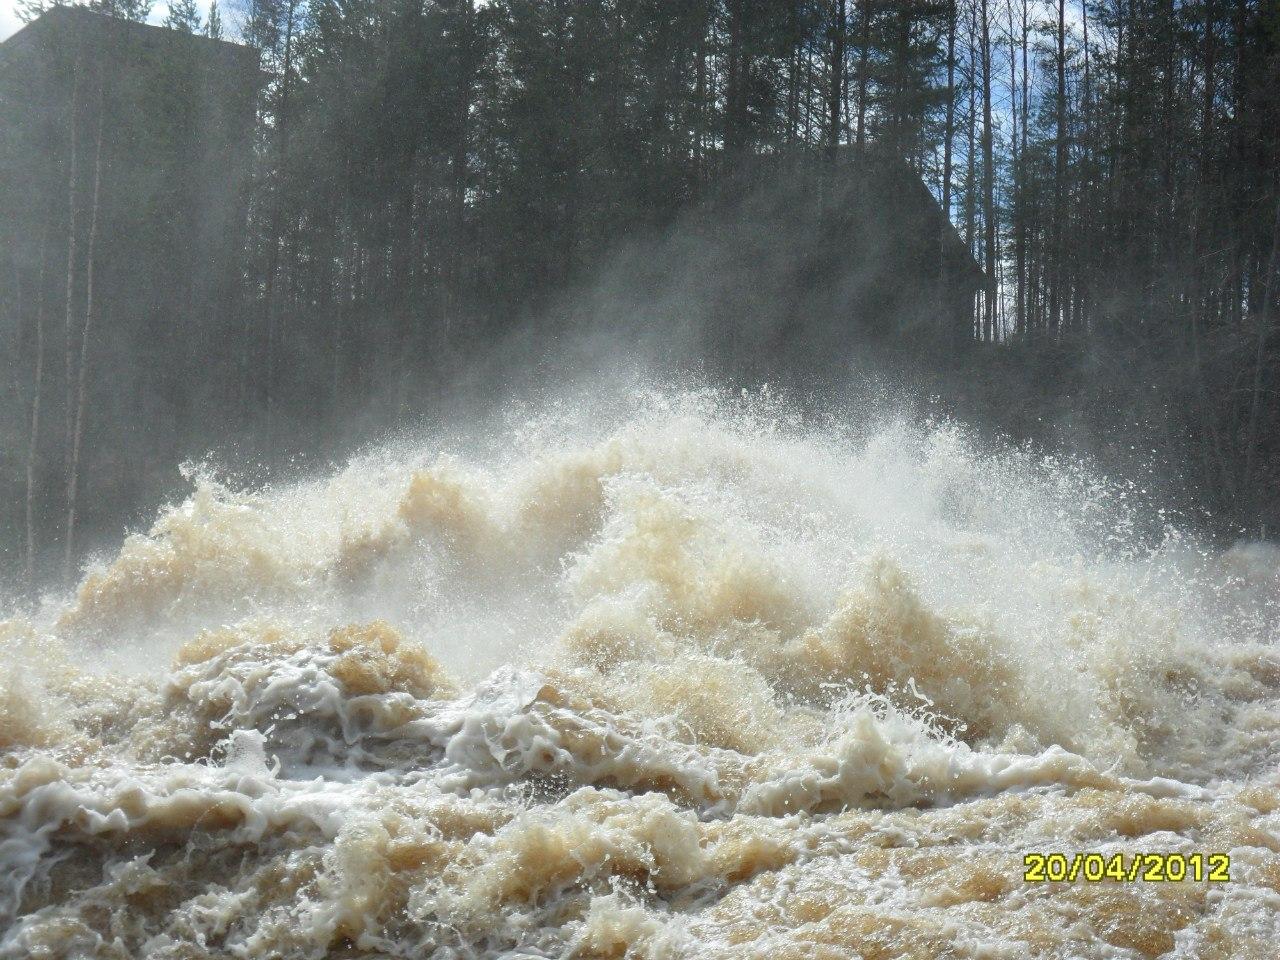 супер водопад- Карельская ГЭС спускает воду. Блиц: брызги